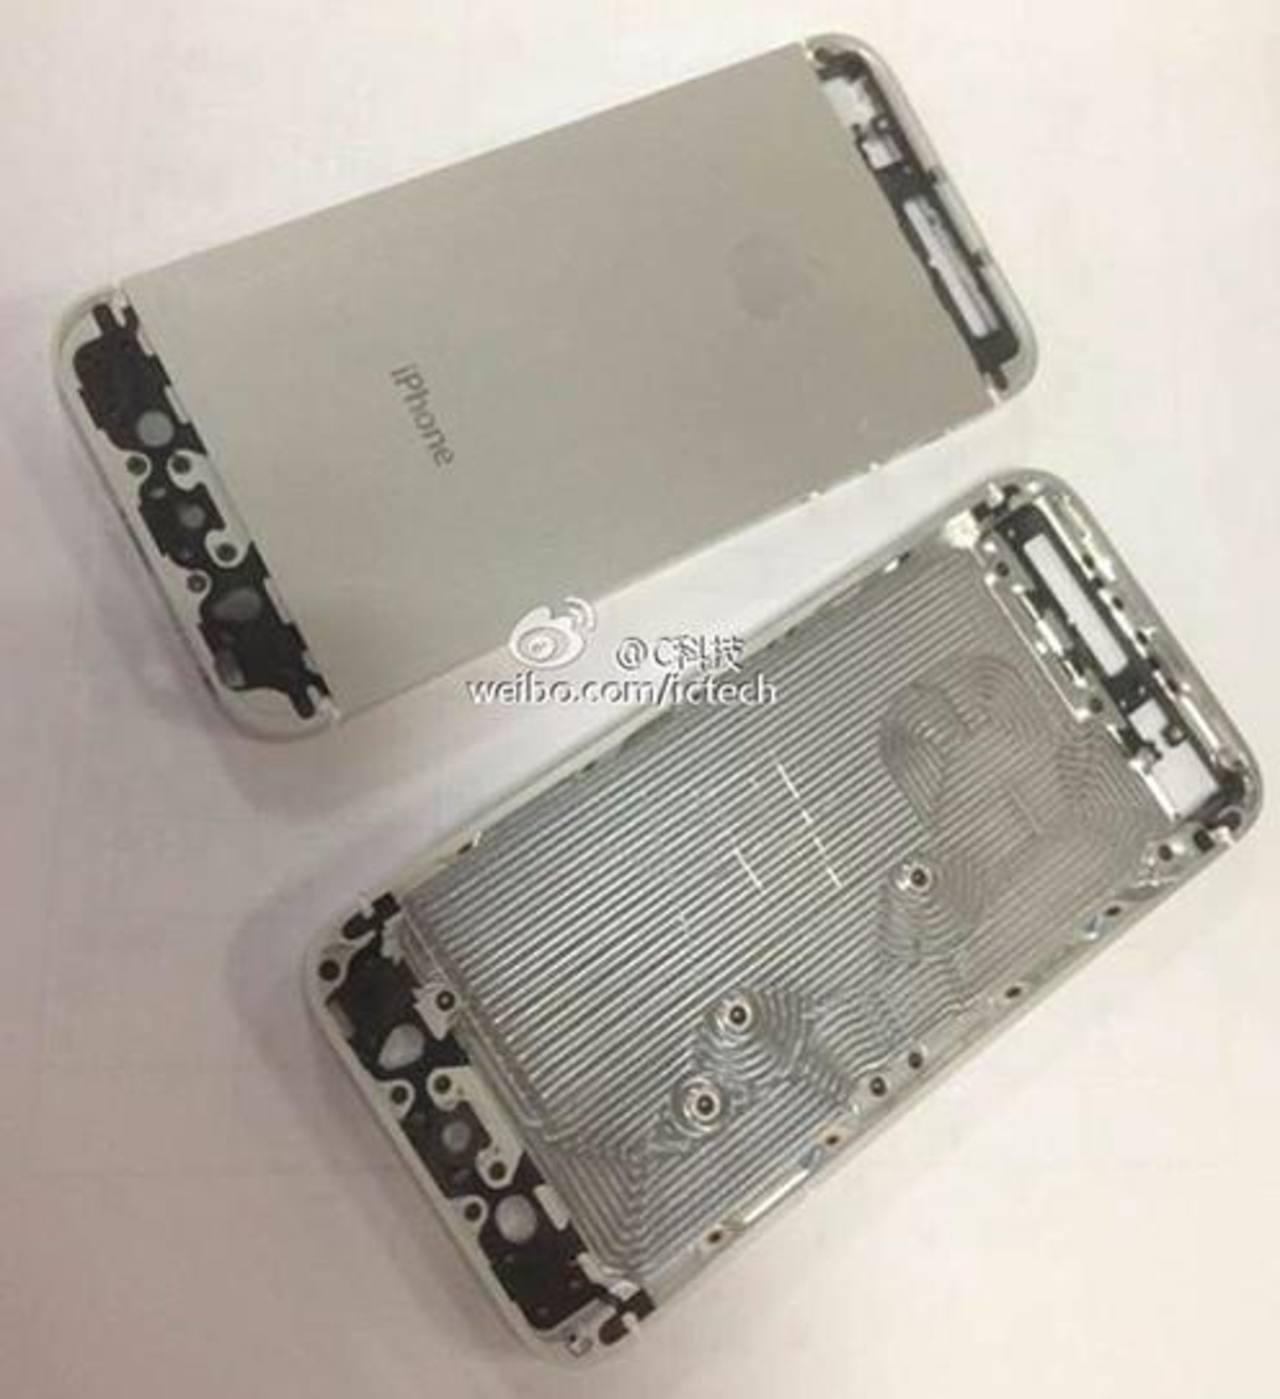 Esta es una de las imágenes reveladas por el fabricante del nuevo iPhone 5S